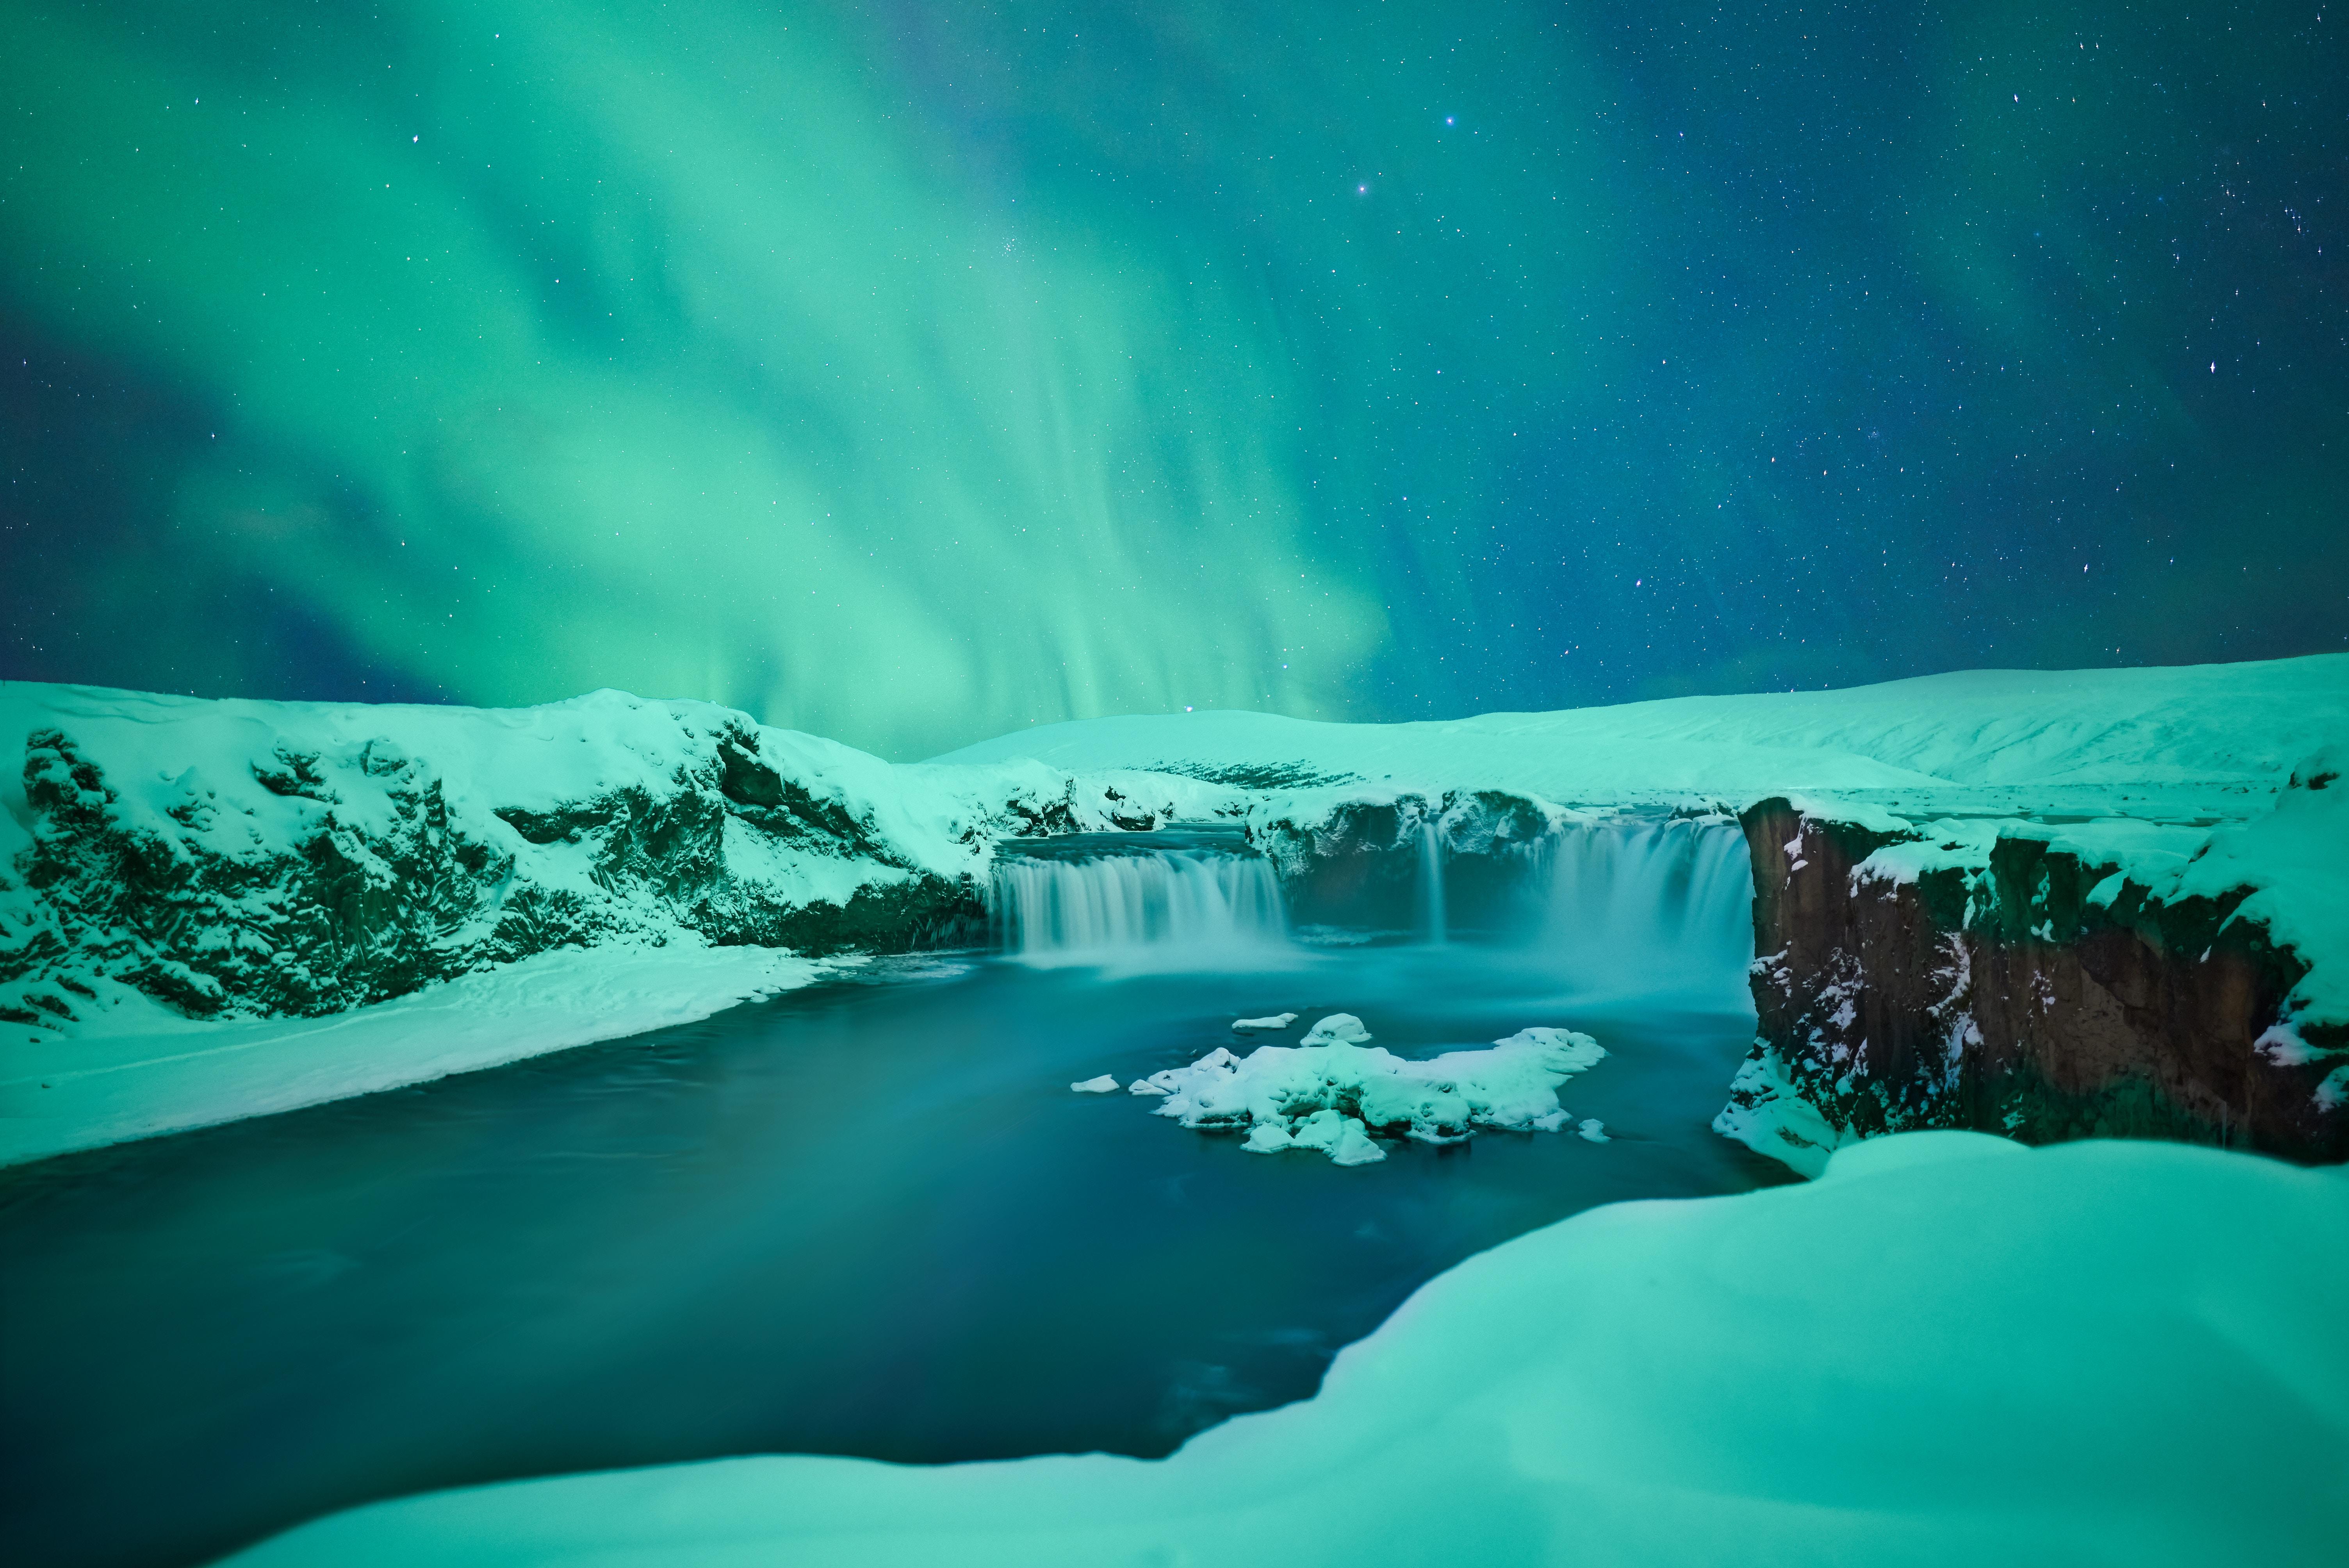 最短的季节_冰岛信息 天气和四季、最佳旅行季节   Guide to Iceland